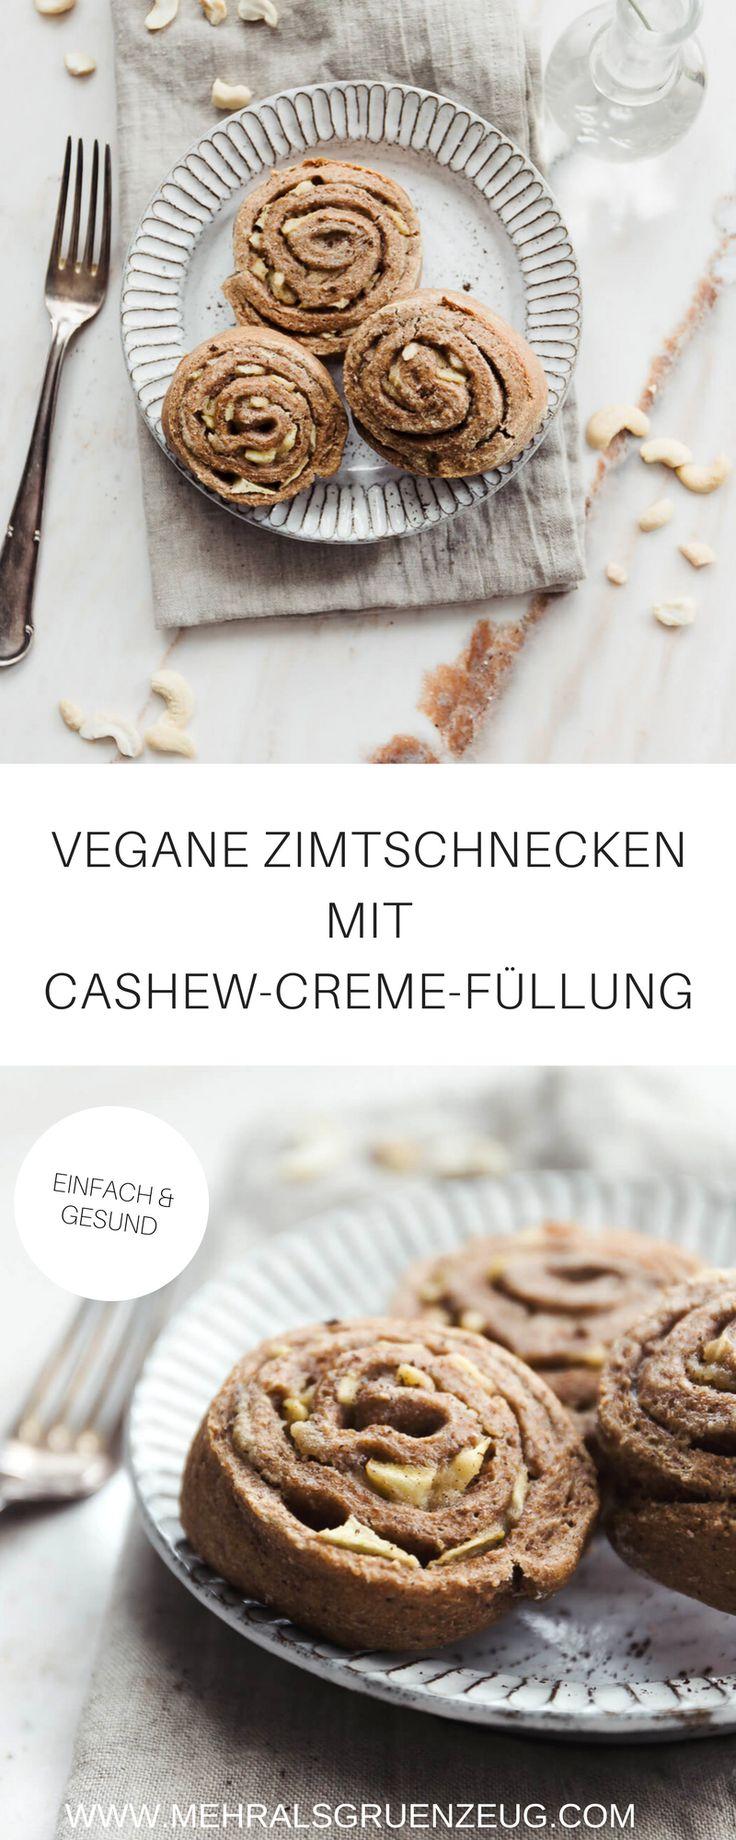 Vegane Zimtschnecken mit einer Füllung aus Cashews, Vanille und Apfel. Schnell gemacht und so lecker, dass sie mindestens ebenso schnell wieder aufgegessen sind.